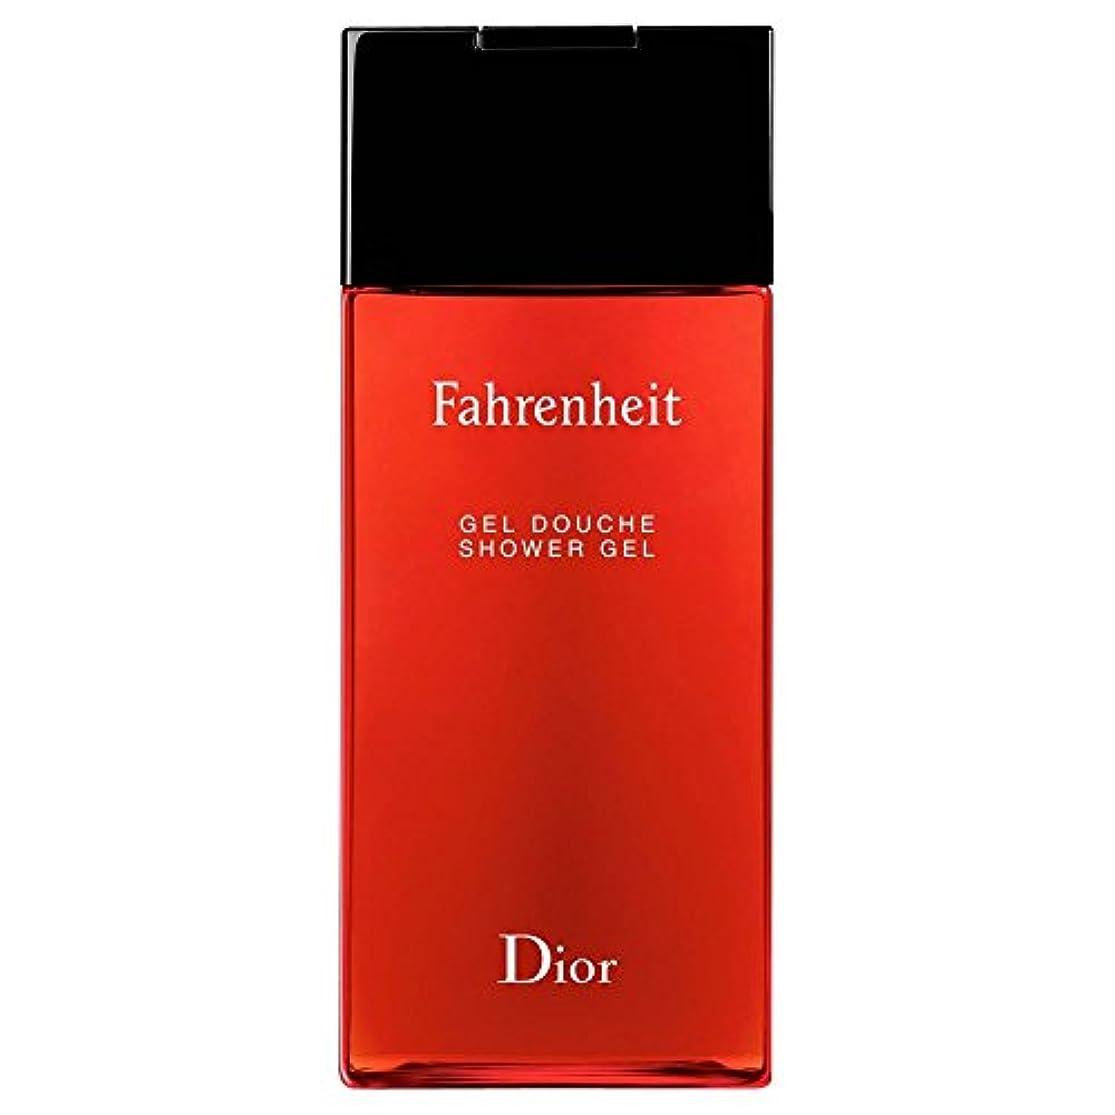 聖人乏しい省略[Dior] ディオール華氏発泡シャワージェル200Ml - Dior Fahrenheit Foaming Shower Gel 200ml [並行輸入品]